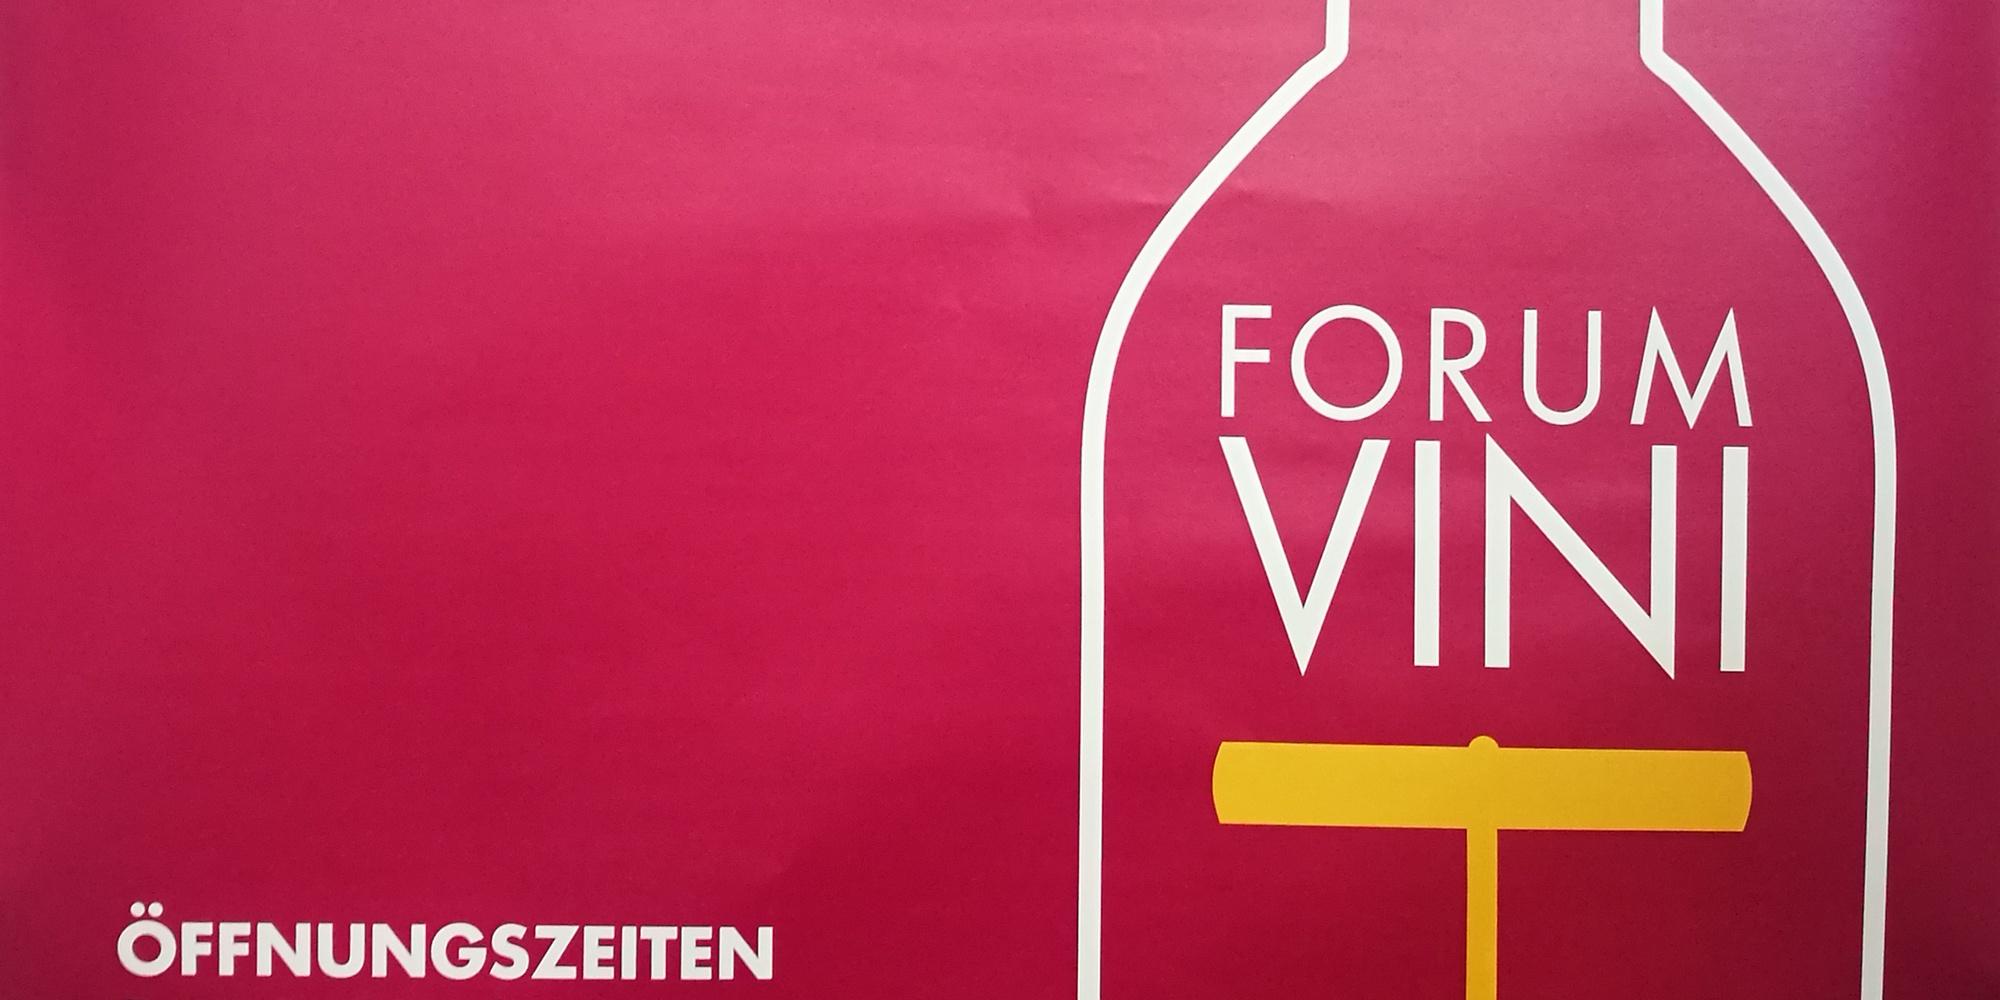 Forum Vini München